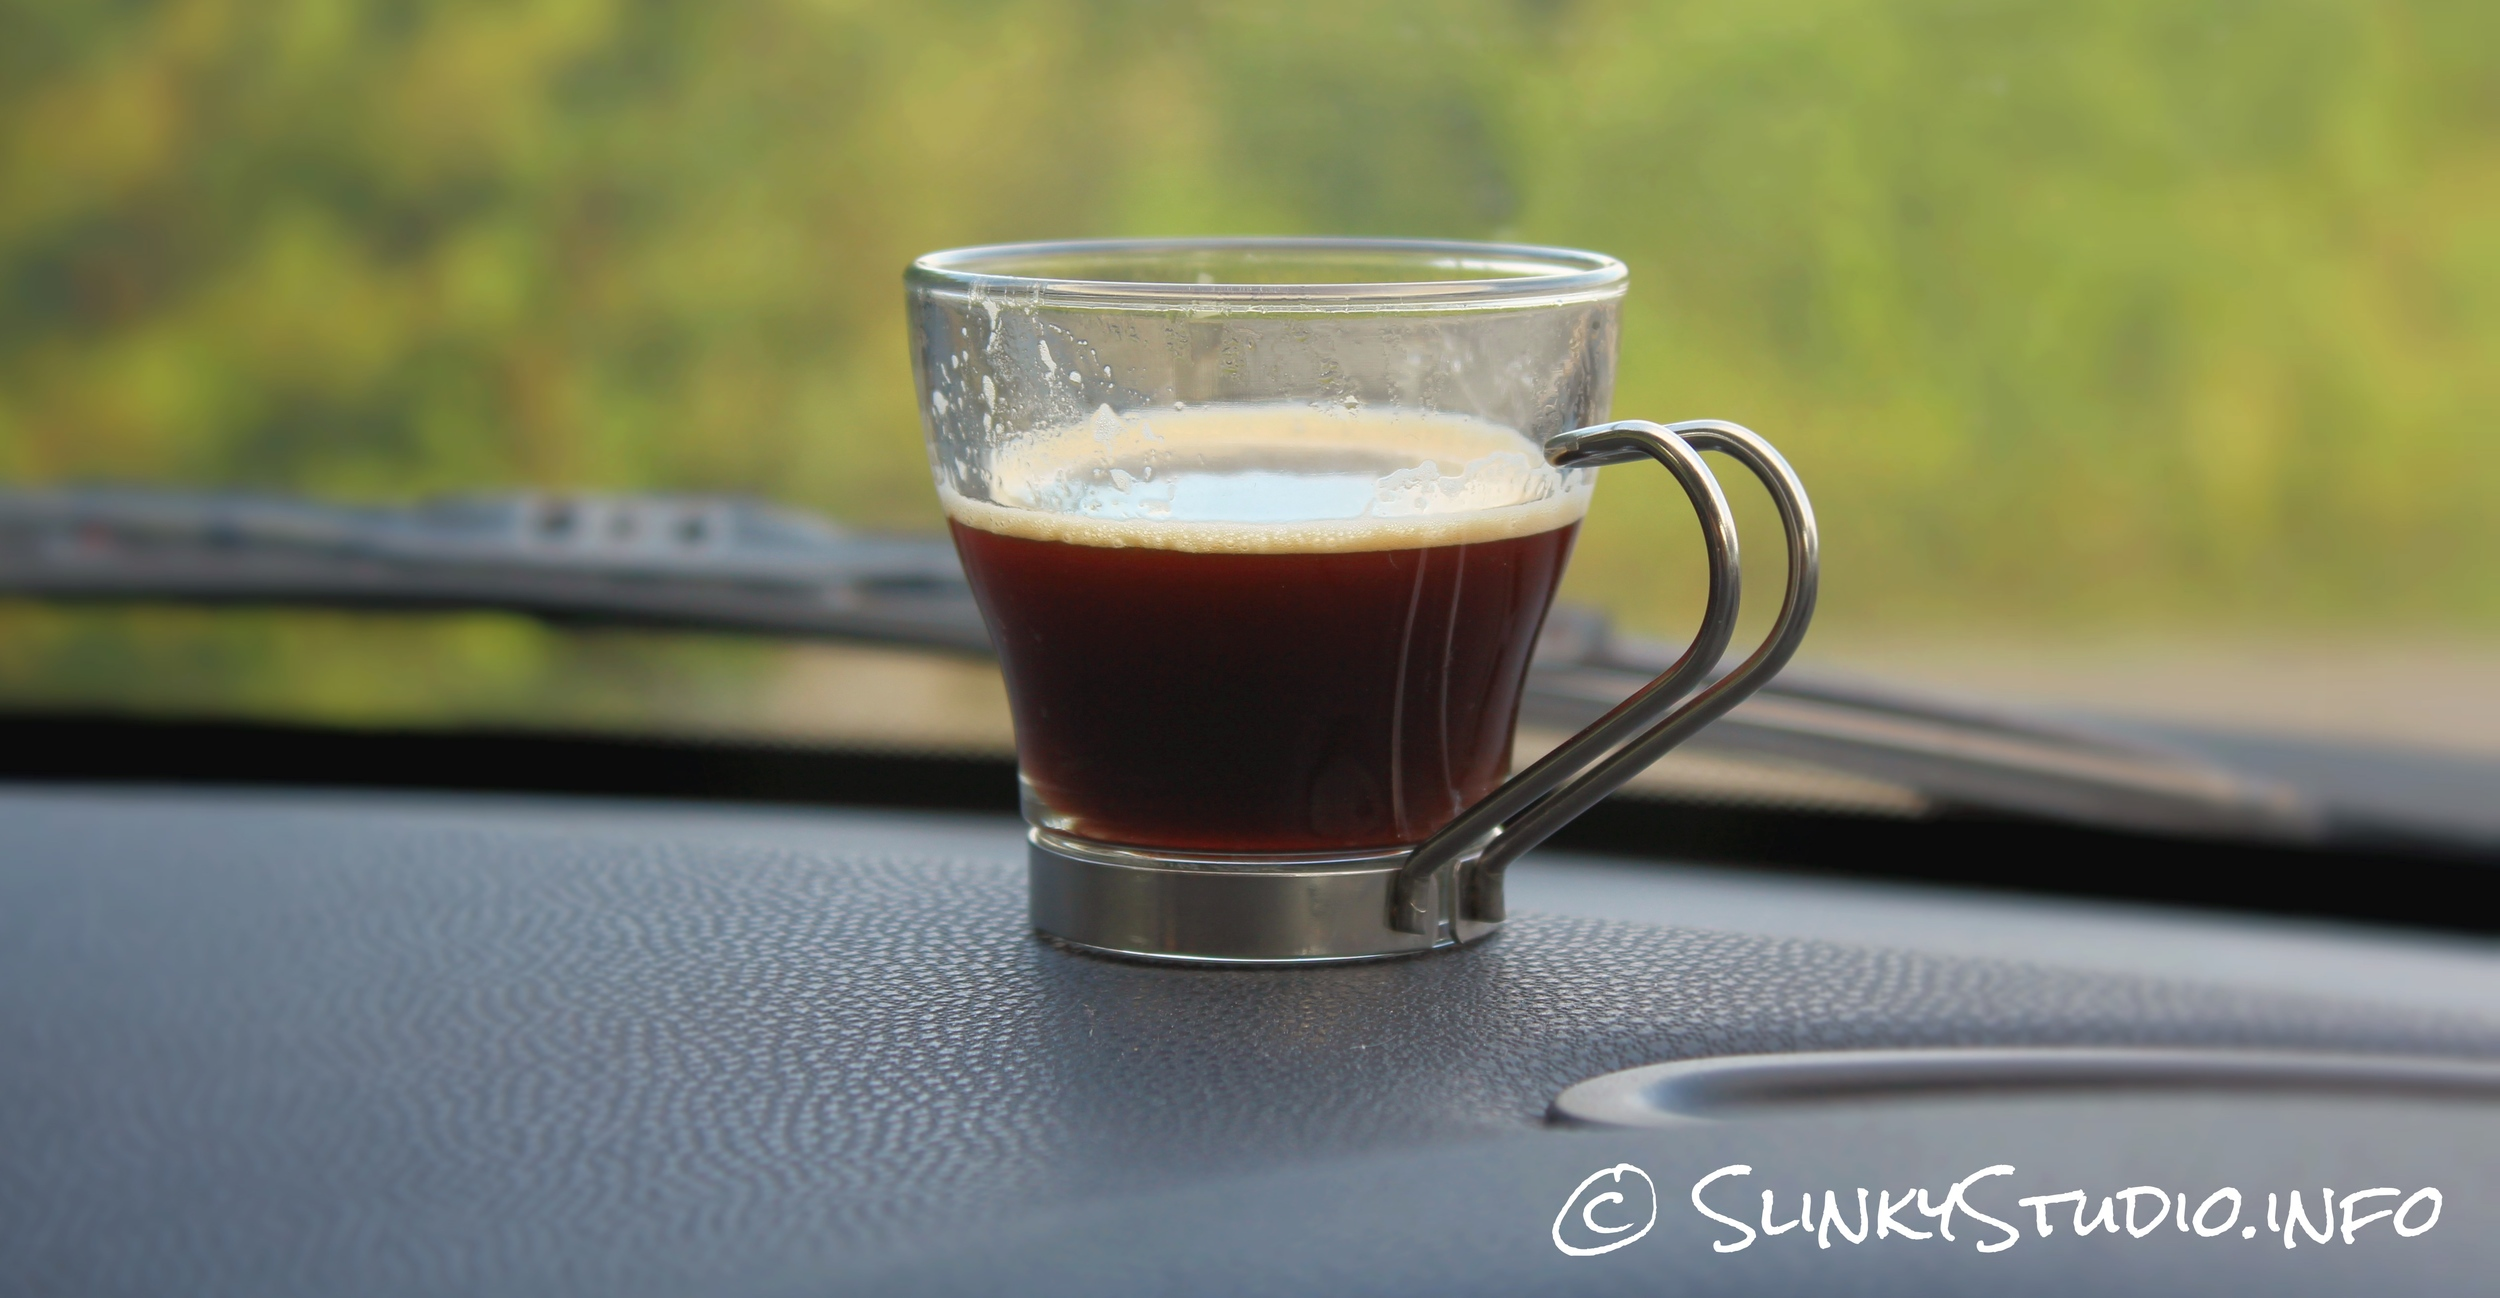 Handpresso Auto E.S.E. Espresso